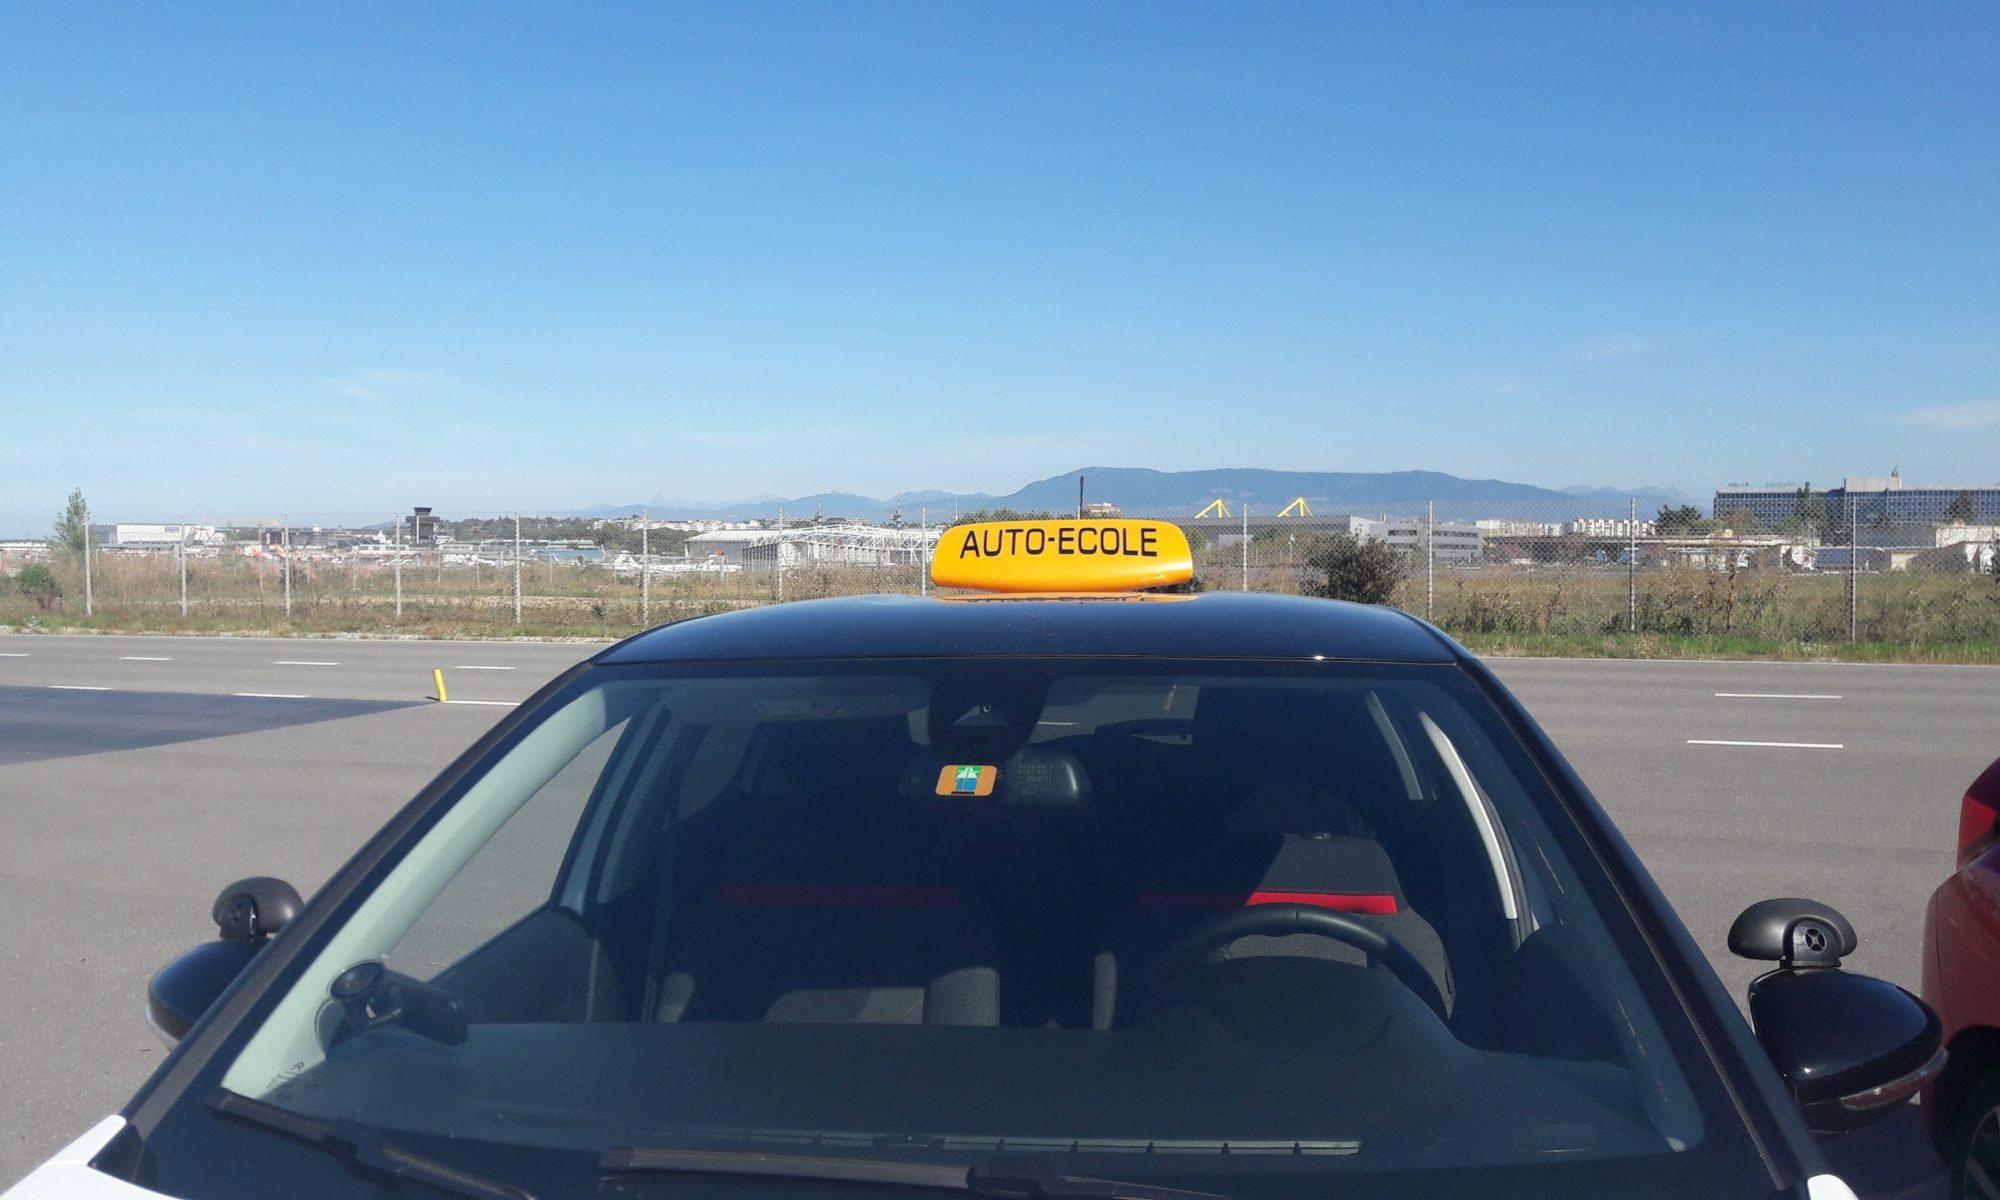 Citroën C3 - Auto-Moto École des Ormeaux, Petit-Lancy, Genève